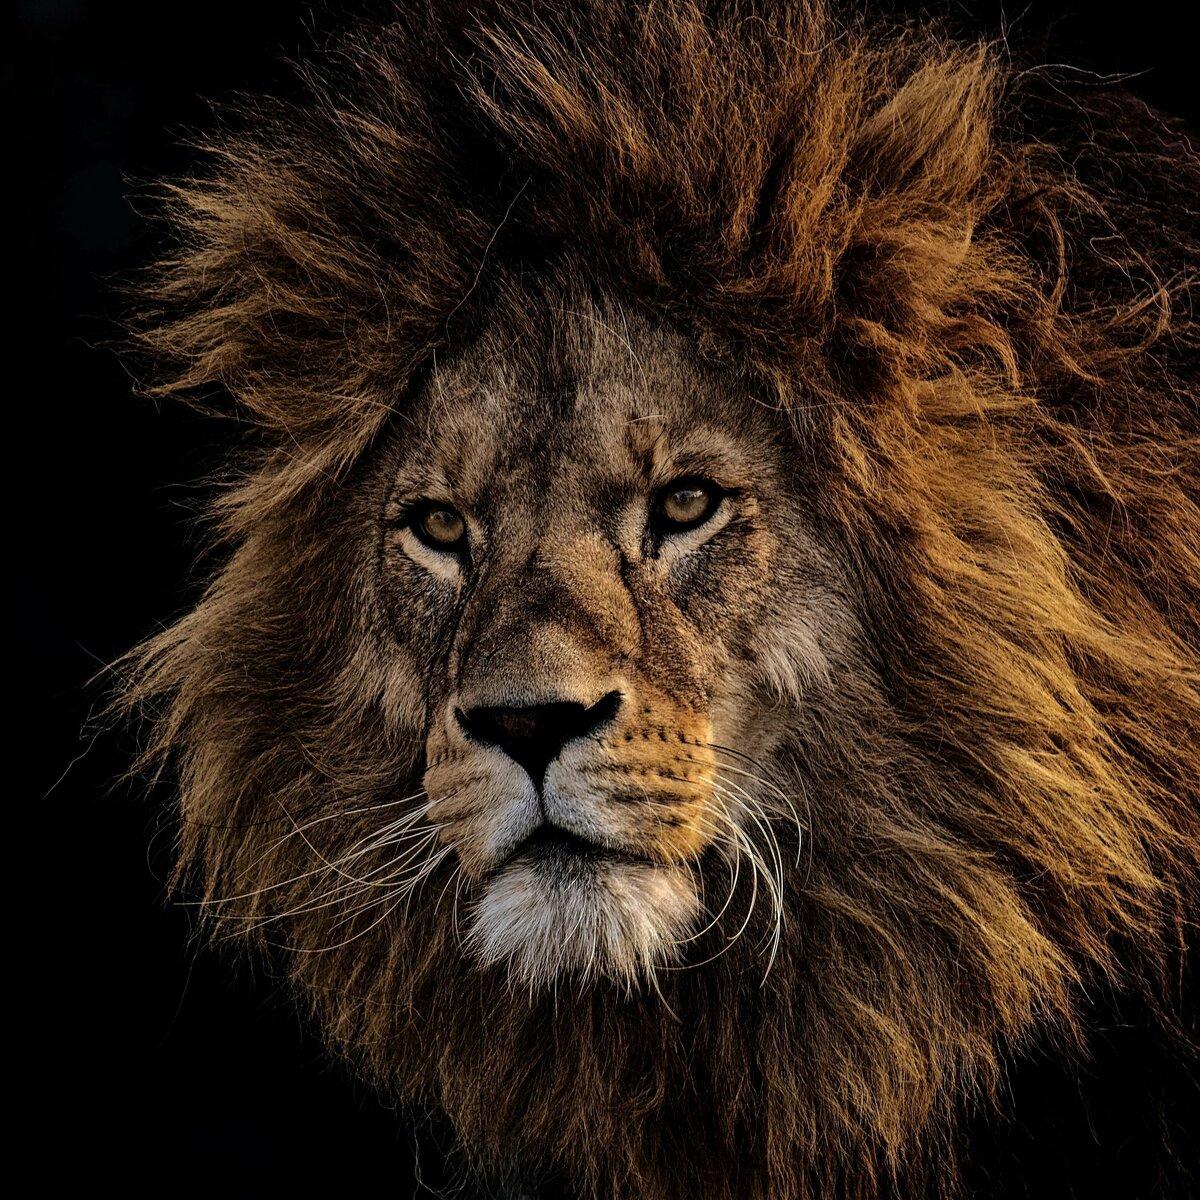 Летием подруге, прикольные картинки львов на аватарку